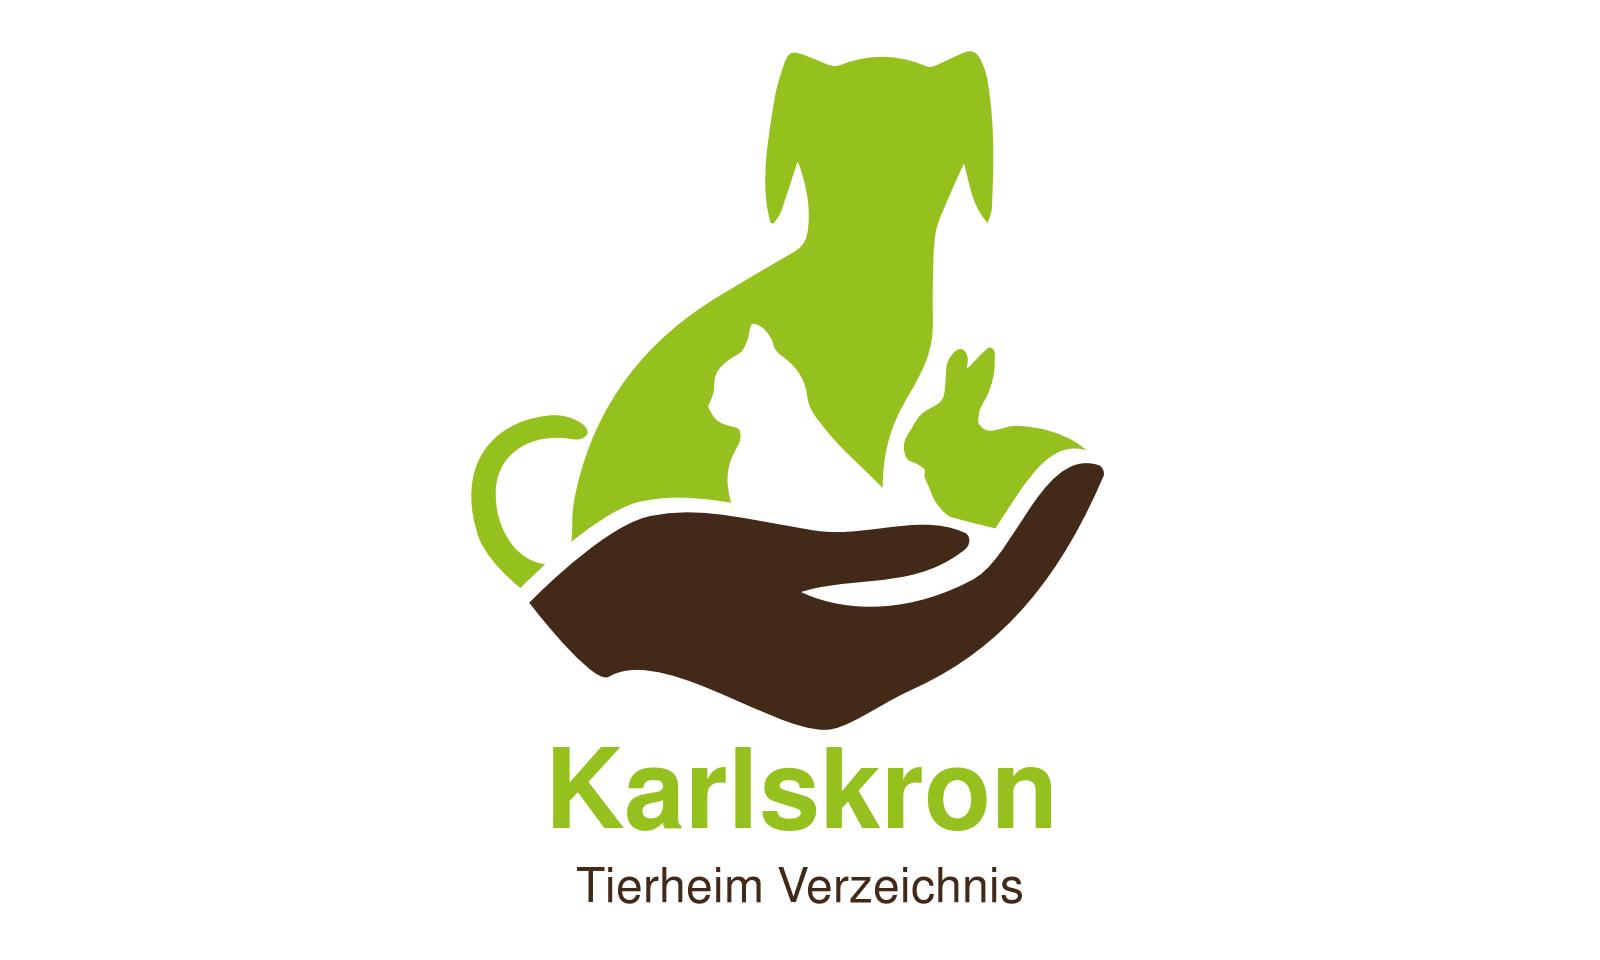 Tierheim Karlskron